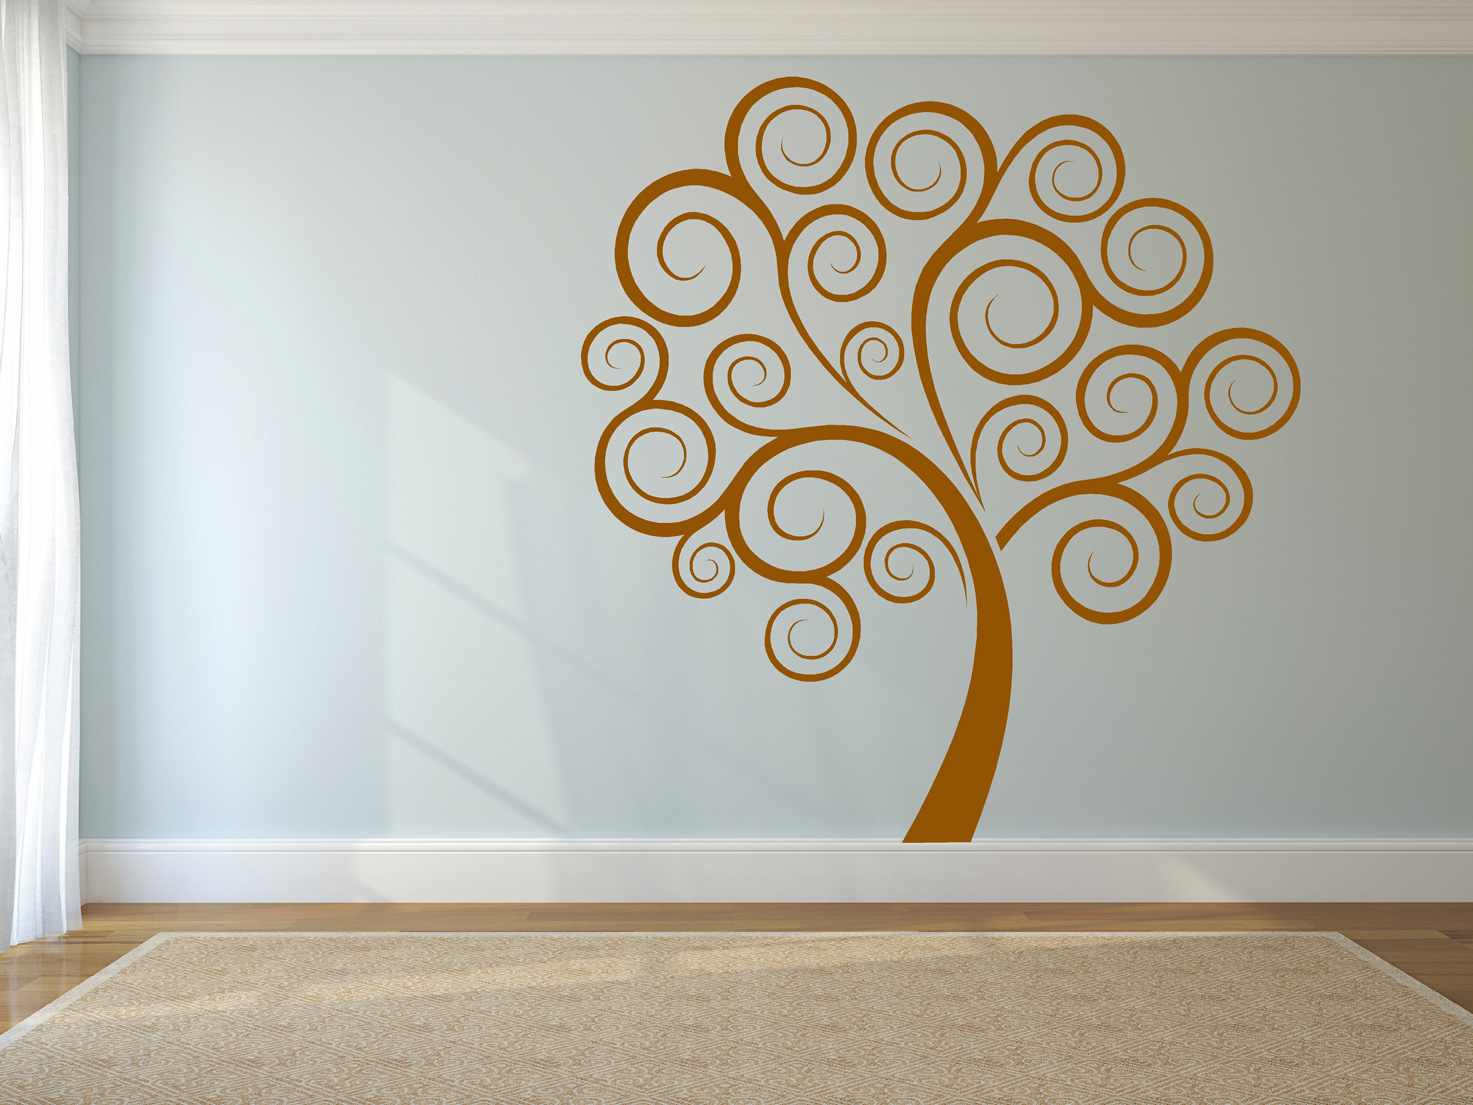 Muurstickers van Bomen voor in de woonkamer - PLAKhetZelf